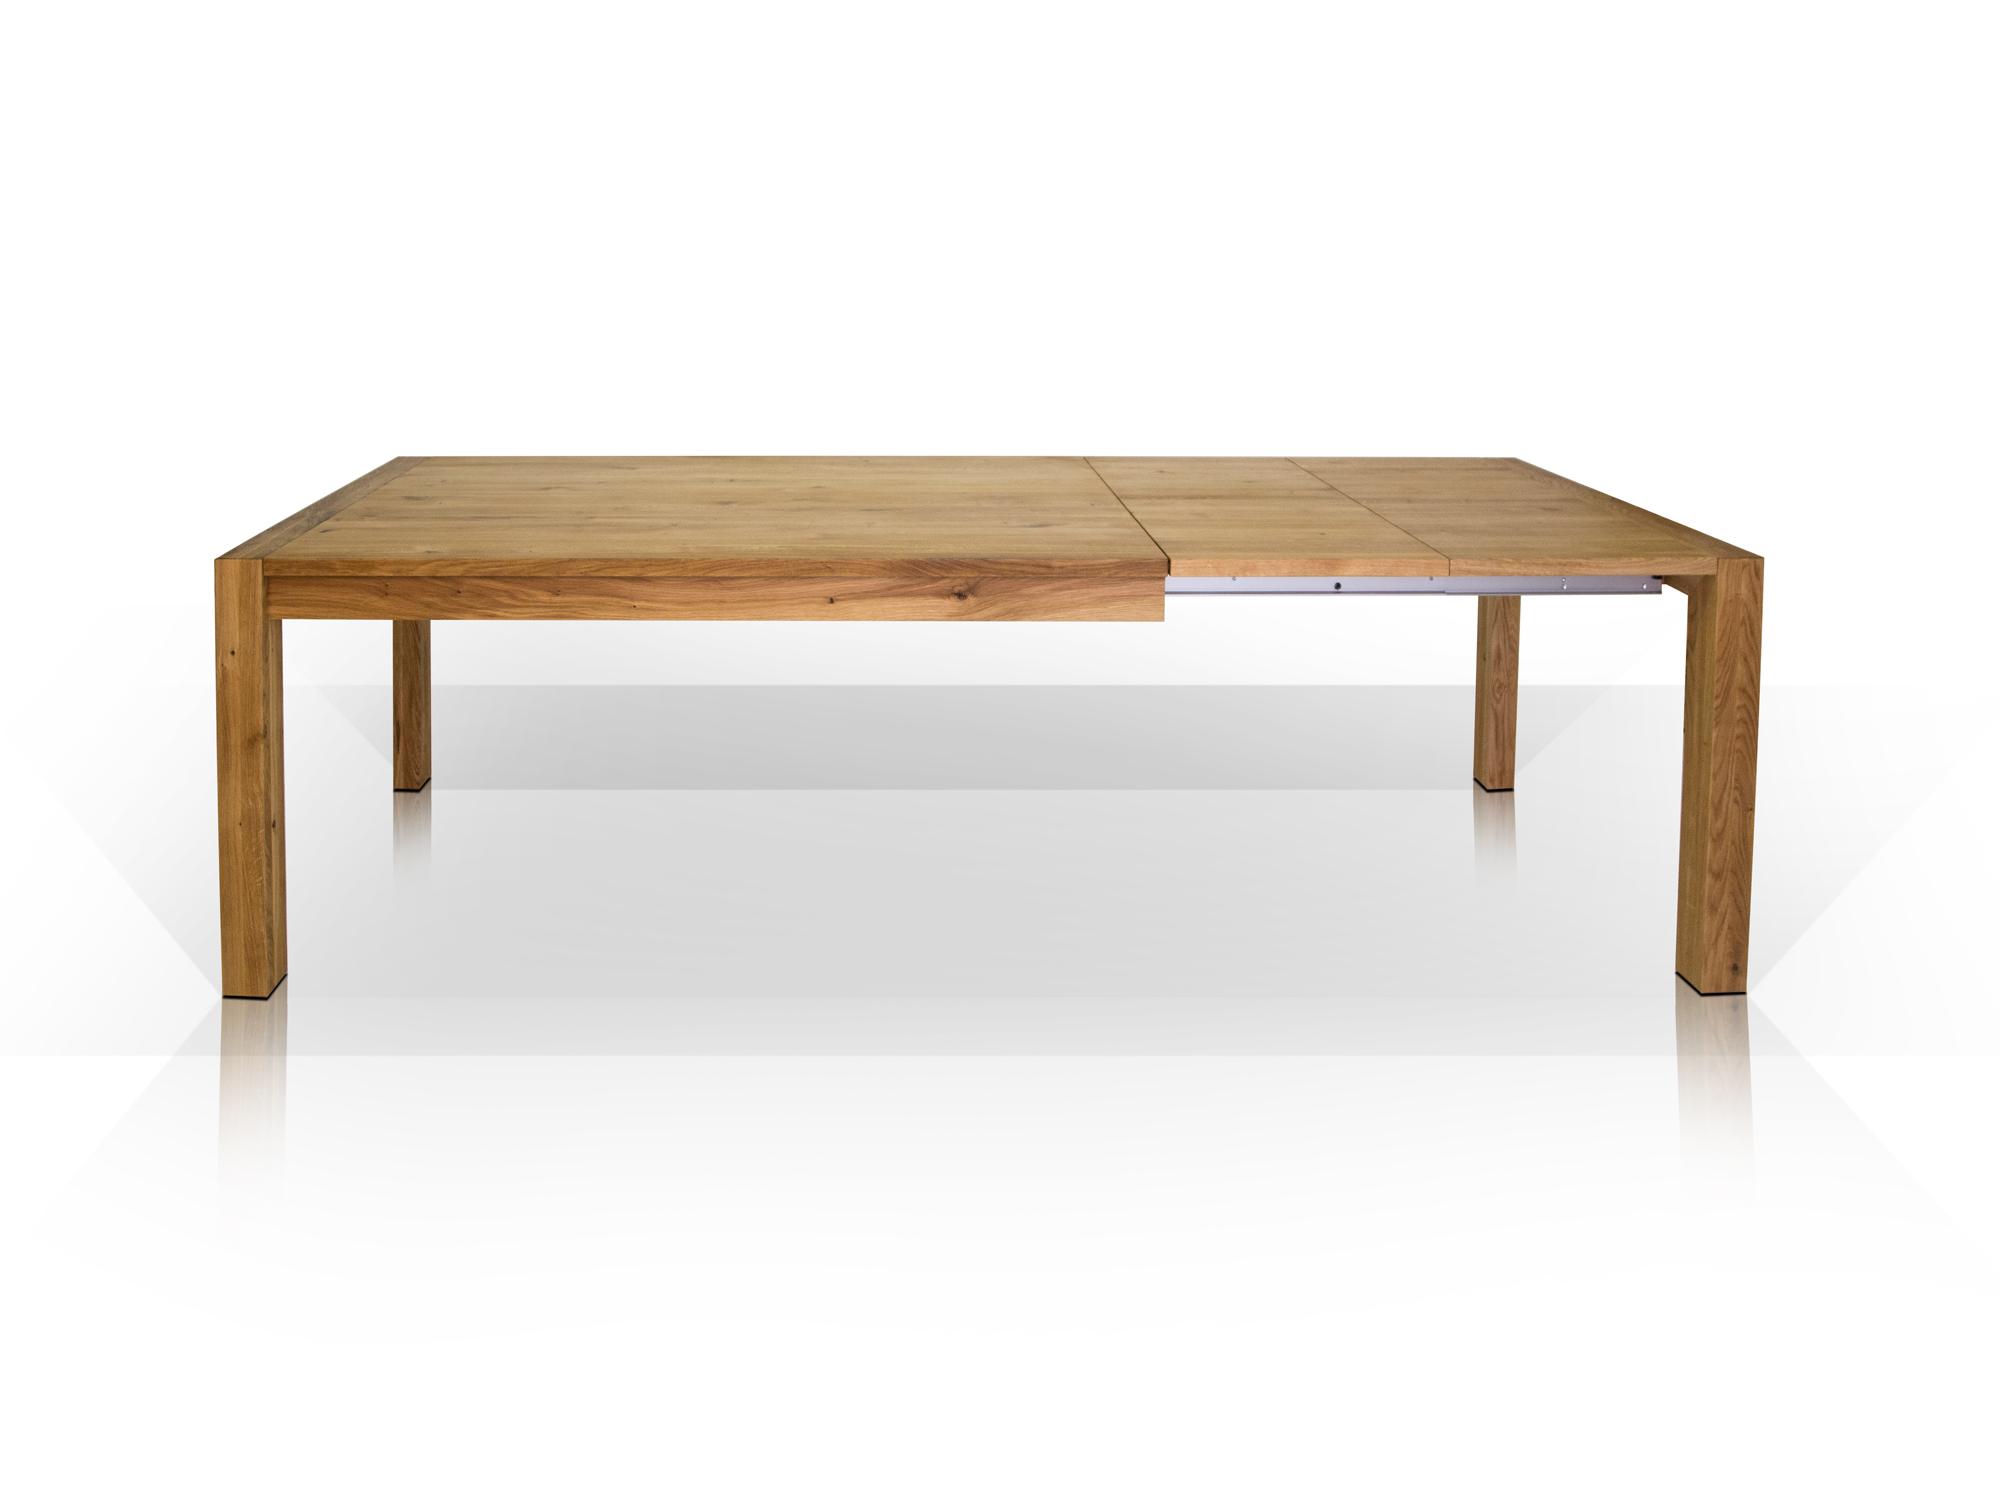 Esstisch Massivholz Reduziert : CÄSAR Esstisch Massivholz geölt Wildeiche  180280 cm  100 cm